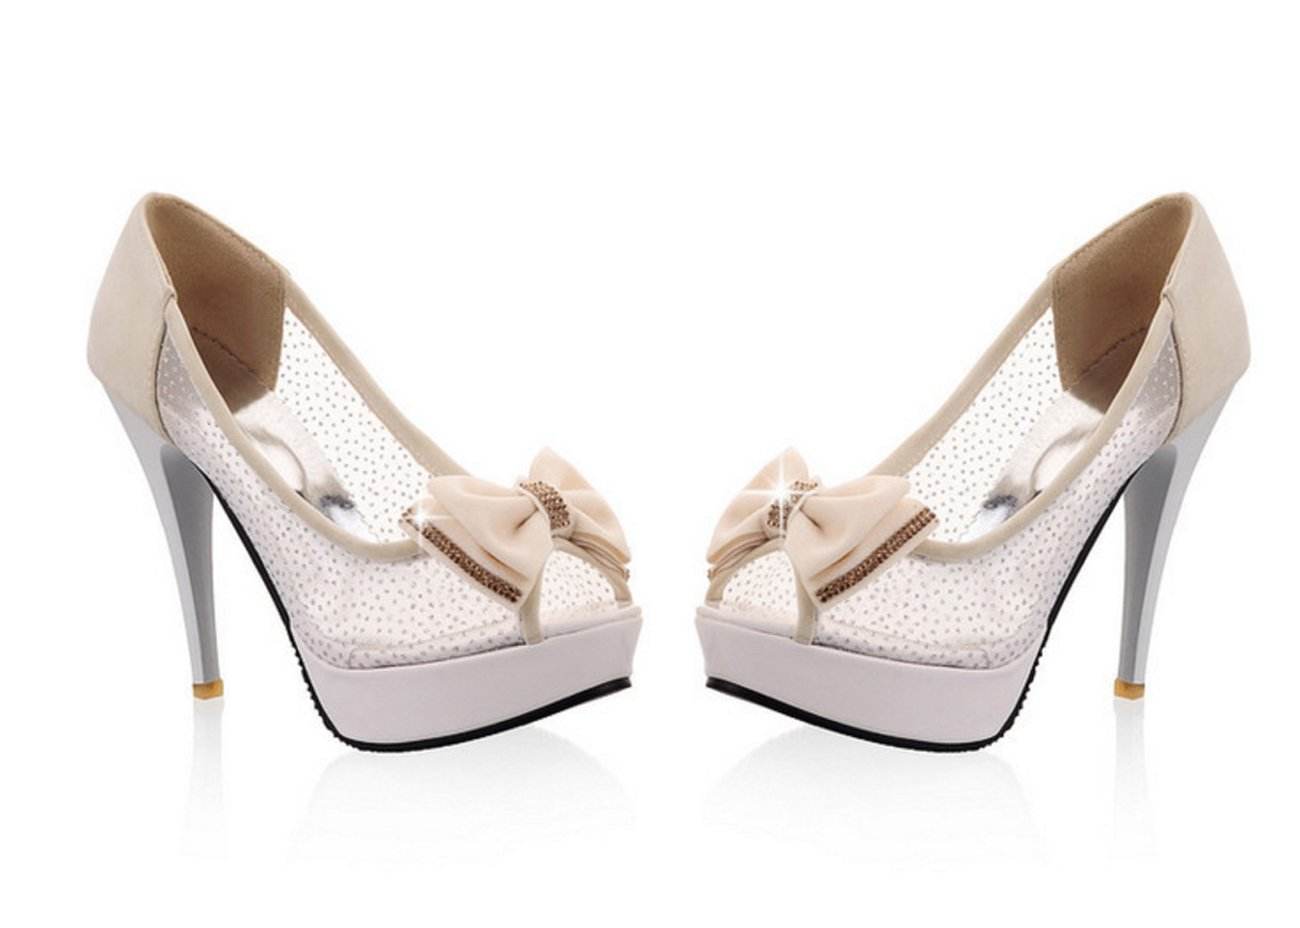 Frauen Schuhe Net PU Sommer Herbst Komfort Neuheit Heels Stiletto Peep Toe Bowknot Für Hochzeit & Abend Schwarz Beige Rosa